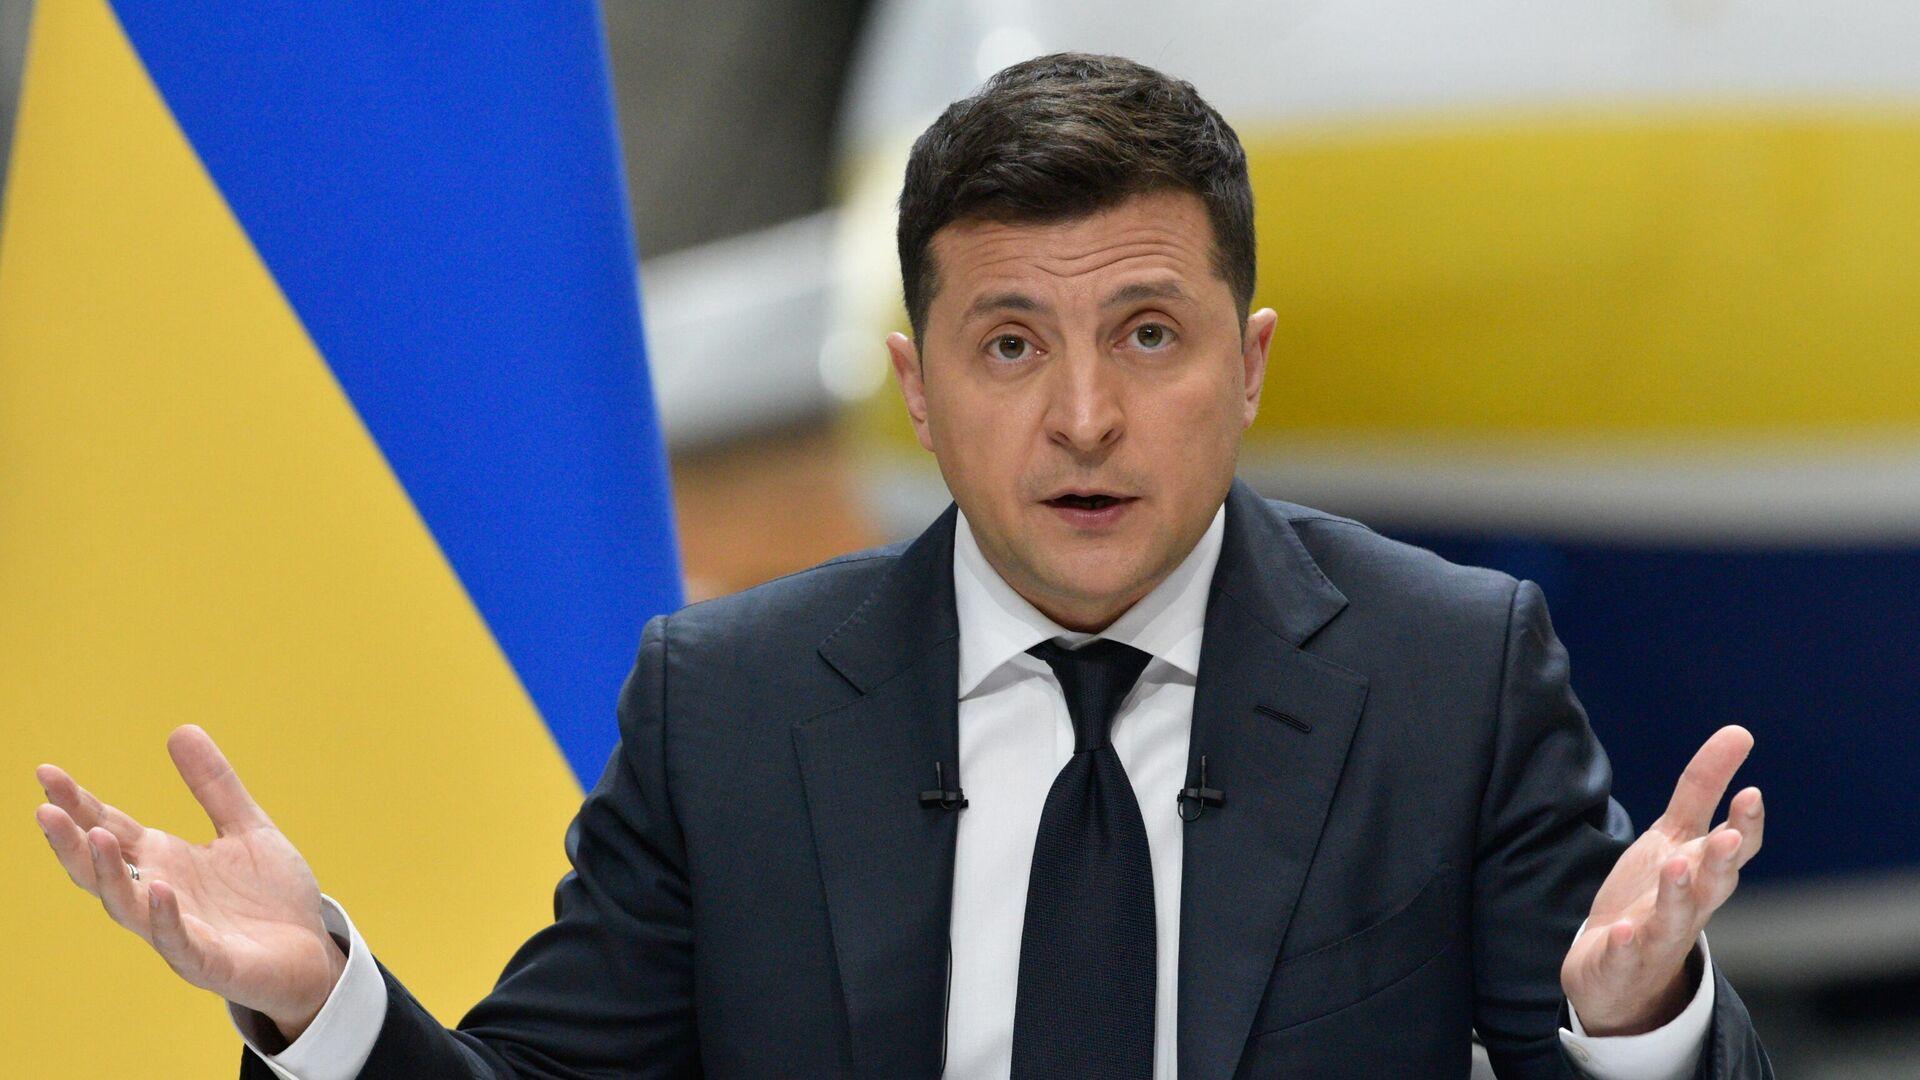 В Госдуме предложили репатриировать украинцев, чувствующих связь с Россией